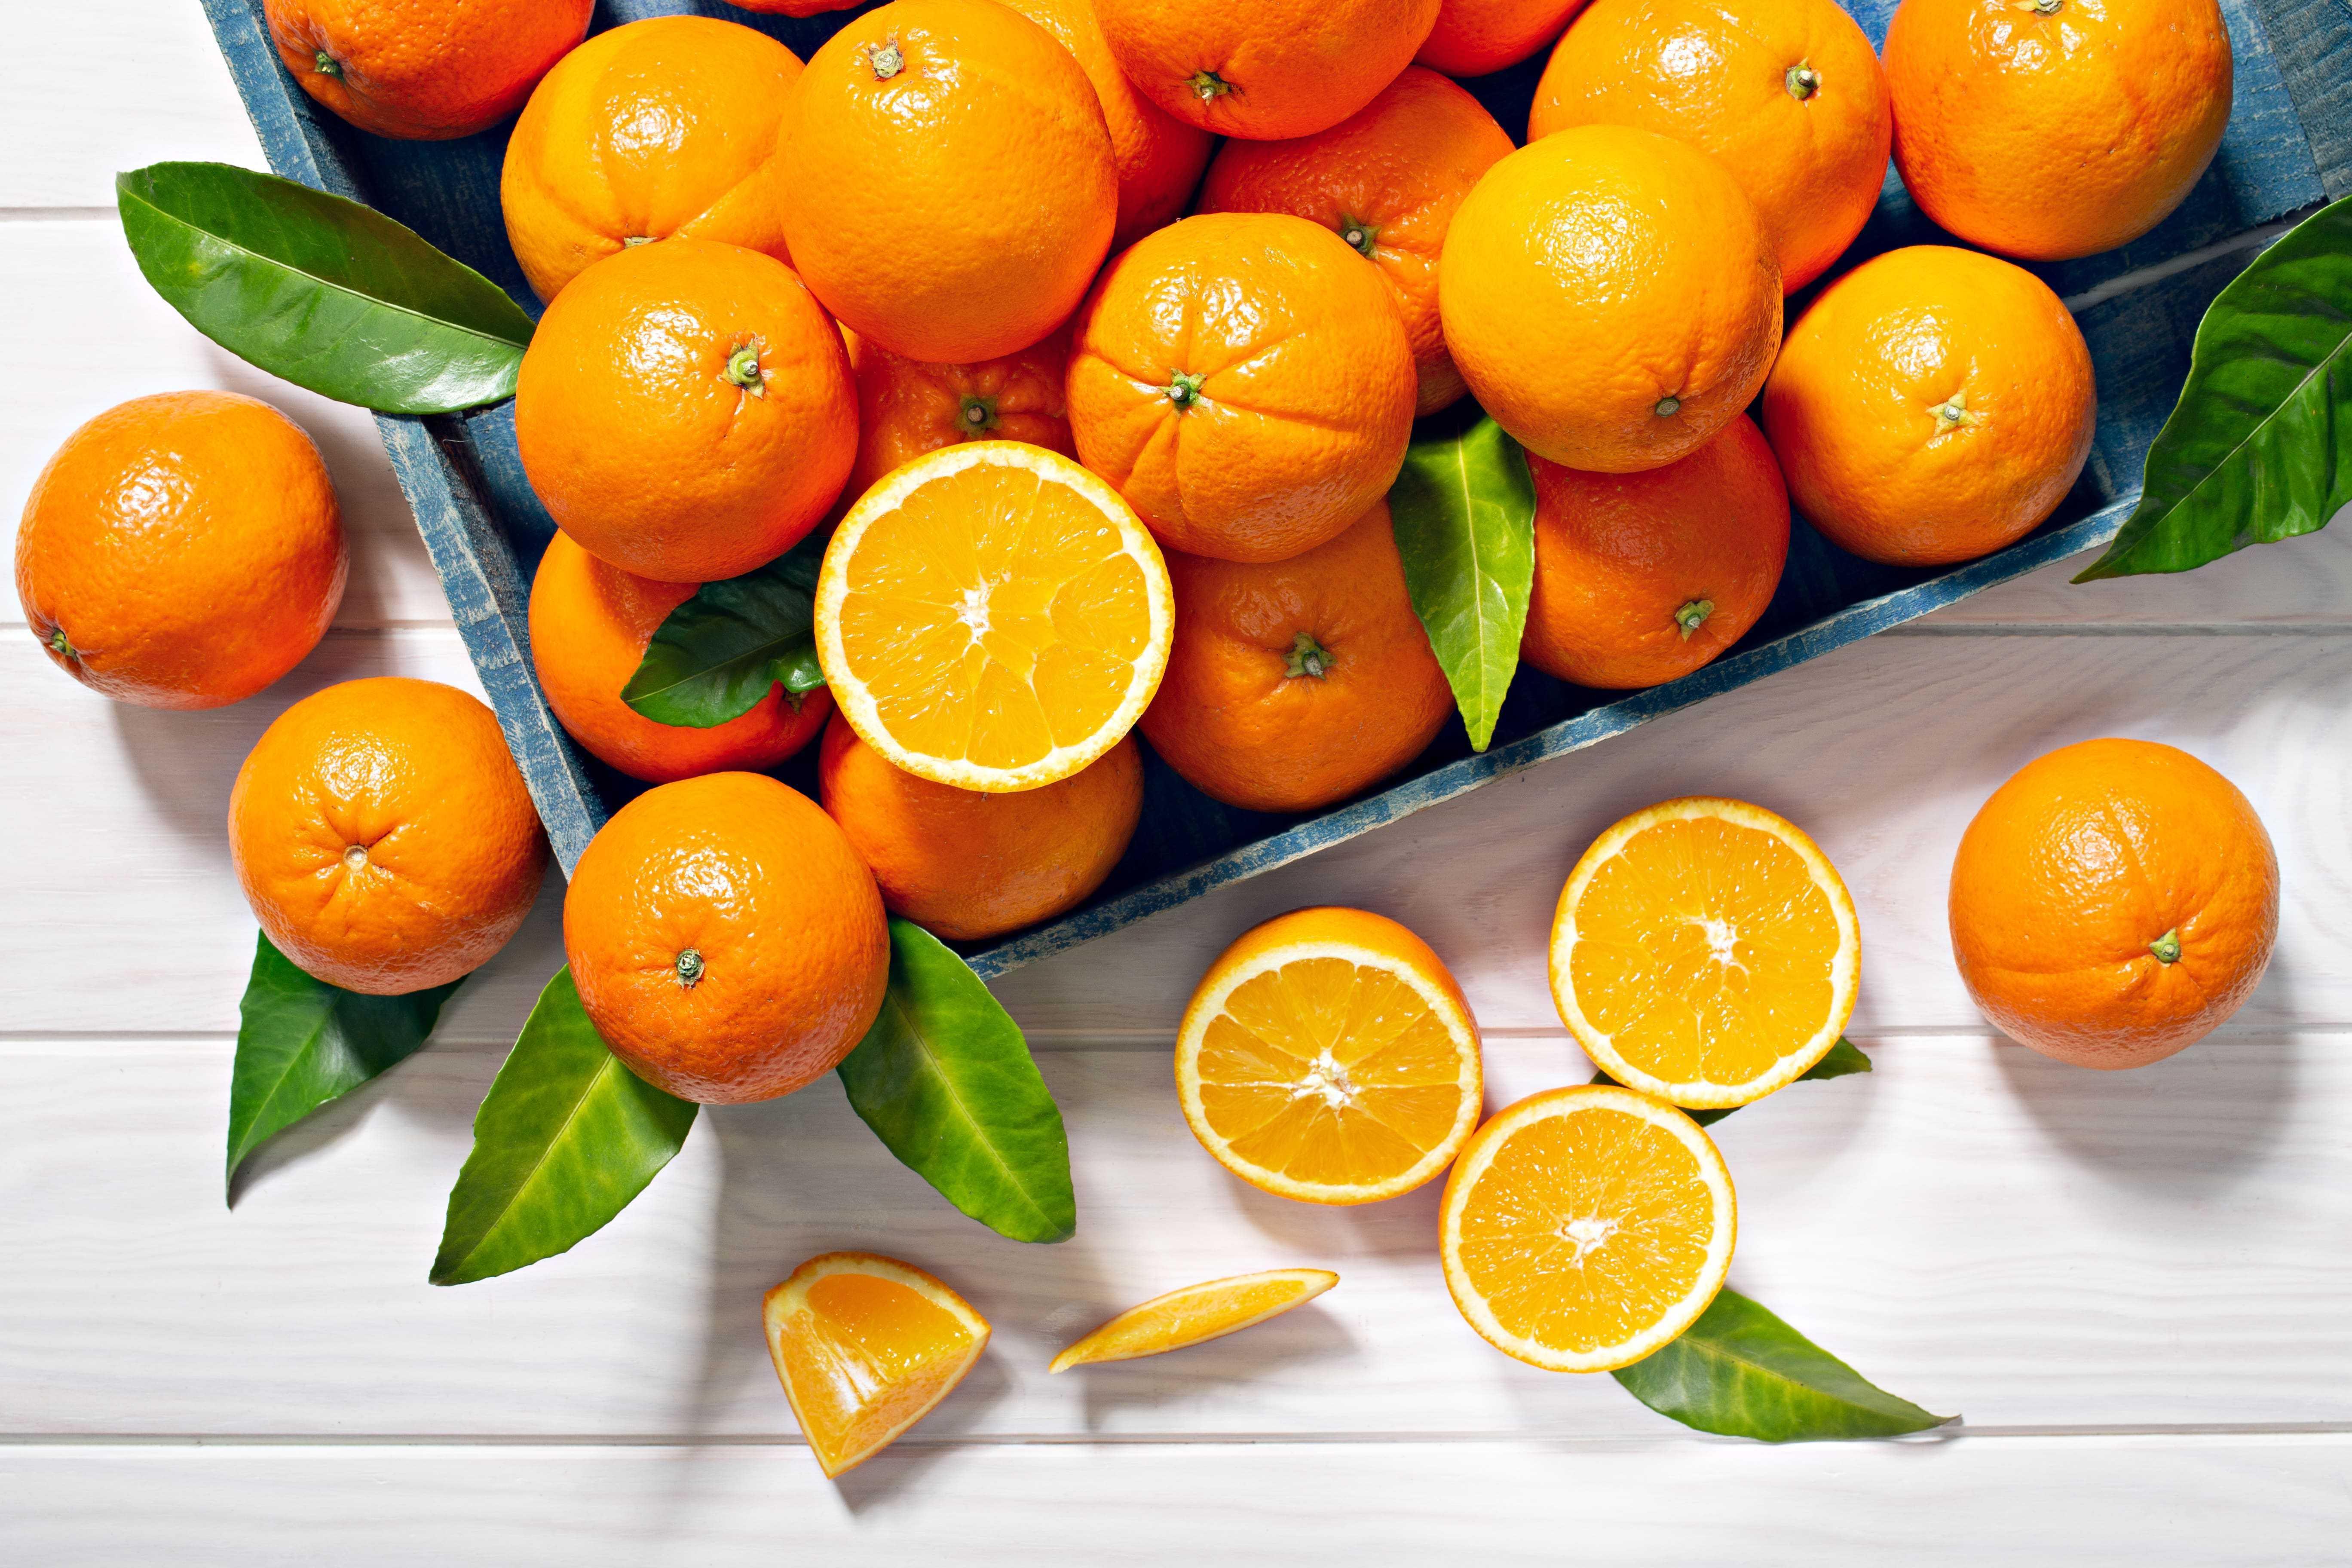 Le arance di Ribera dalla Sicilia alla vostra tavola con un solo click